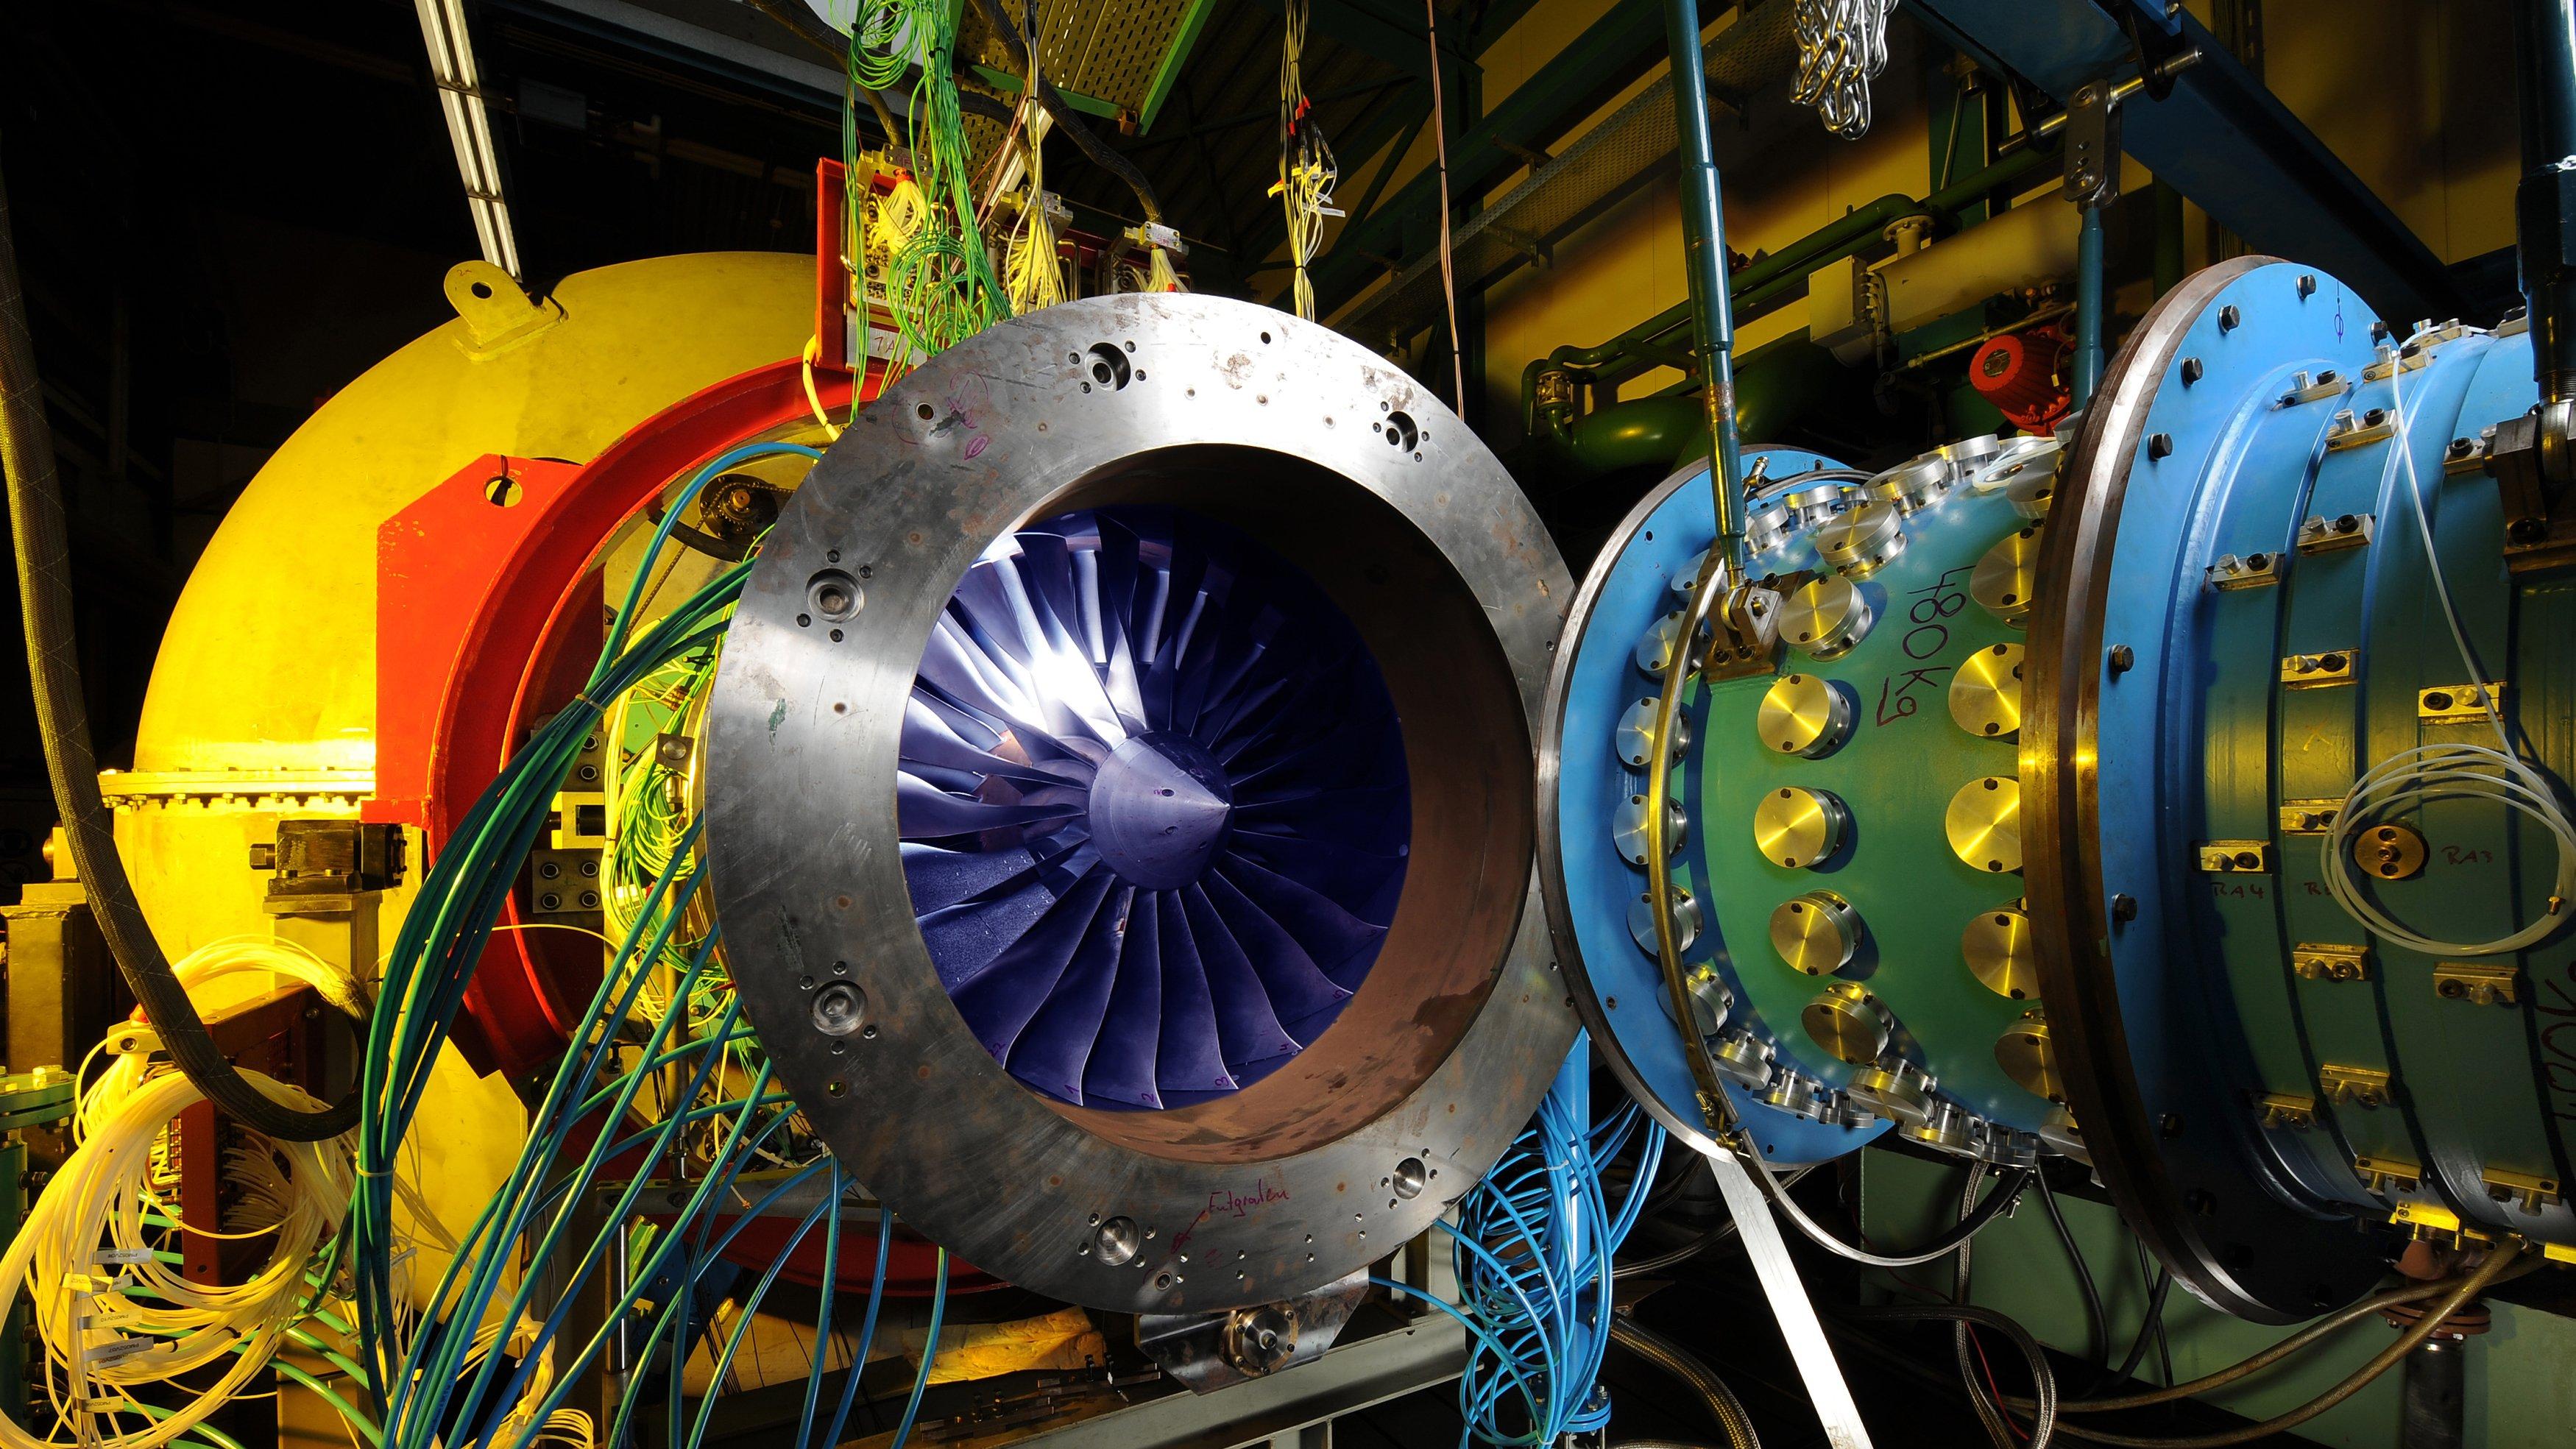 In Versuchen ließen die DLR-Forscher Druckluft auf den Rotor strömen. Durch diesen sogenannten Gegenschall sank das Störgeräusch um zehn Dezibel – das entspricht einer Halbierung der wahrgenommenen Lautstärke.